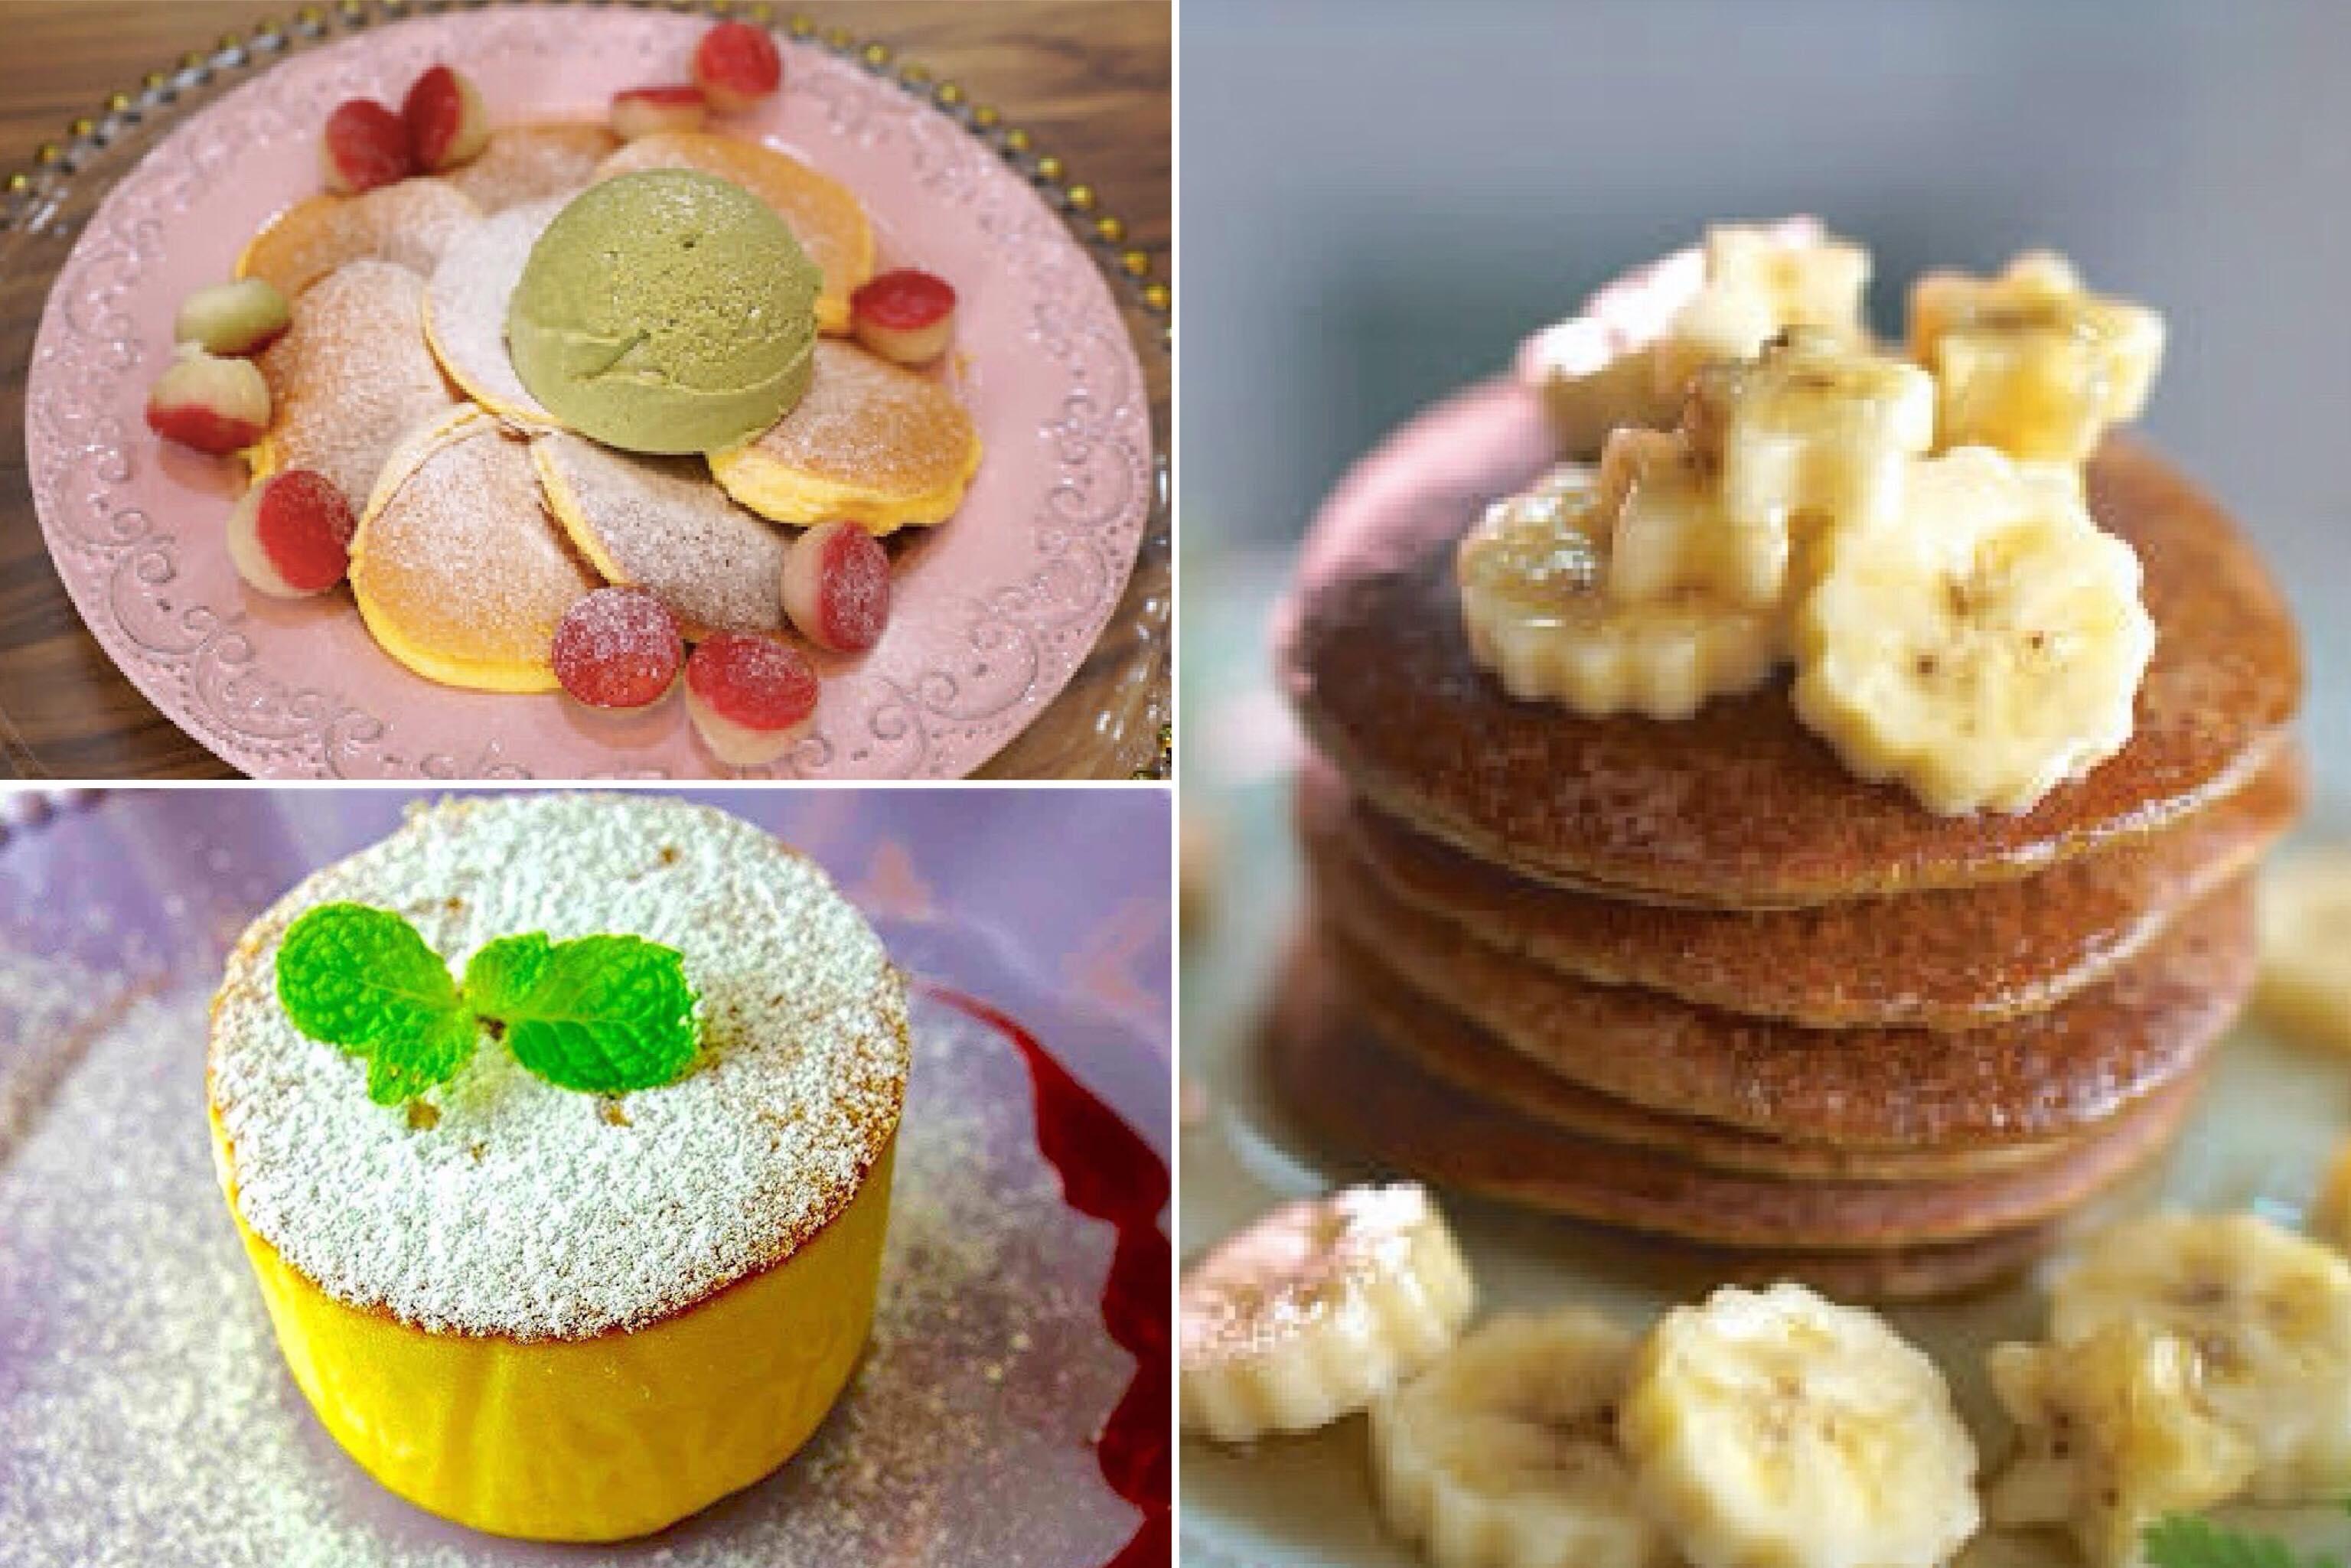 自製香蕉鬆餅、舒芙蕾鬆餅、日式厚鬆餅 5 種鬆餅做法,免泡打粉免烤箱一次教會你!